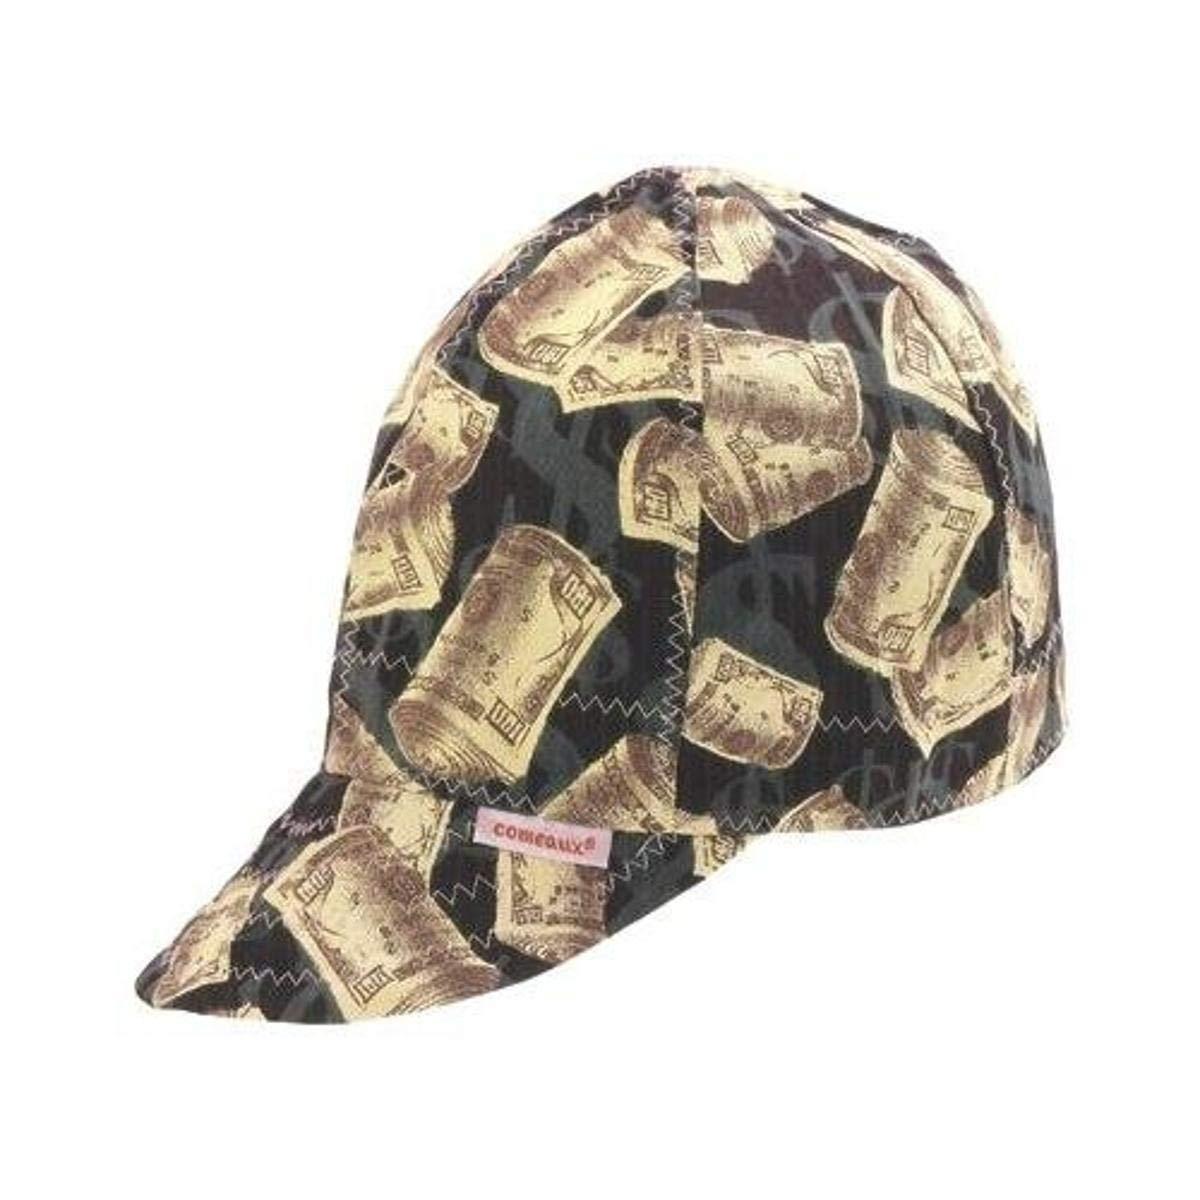 Comeaux Caps 118-1000-6-7/8 Deep Round Crown Caps, 6 7/8